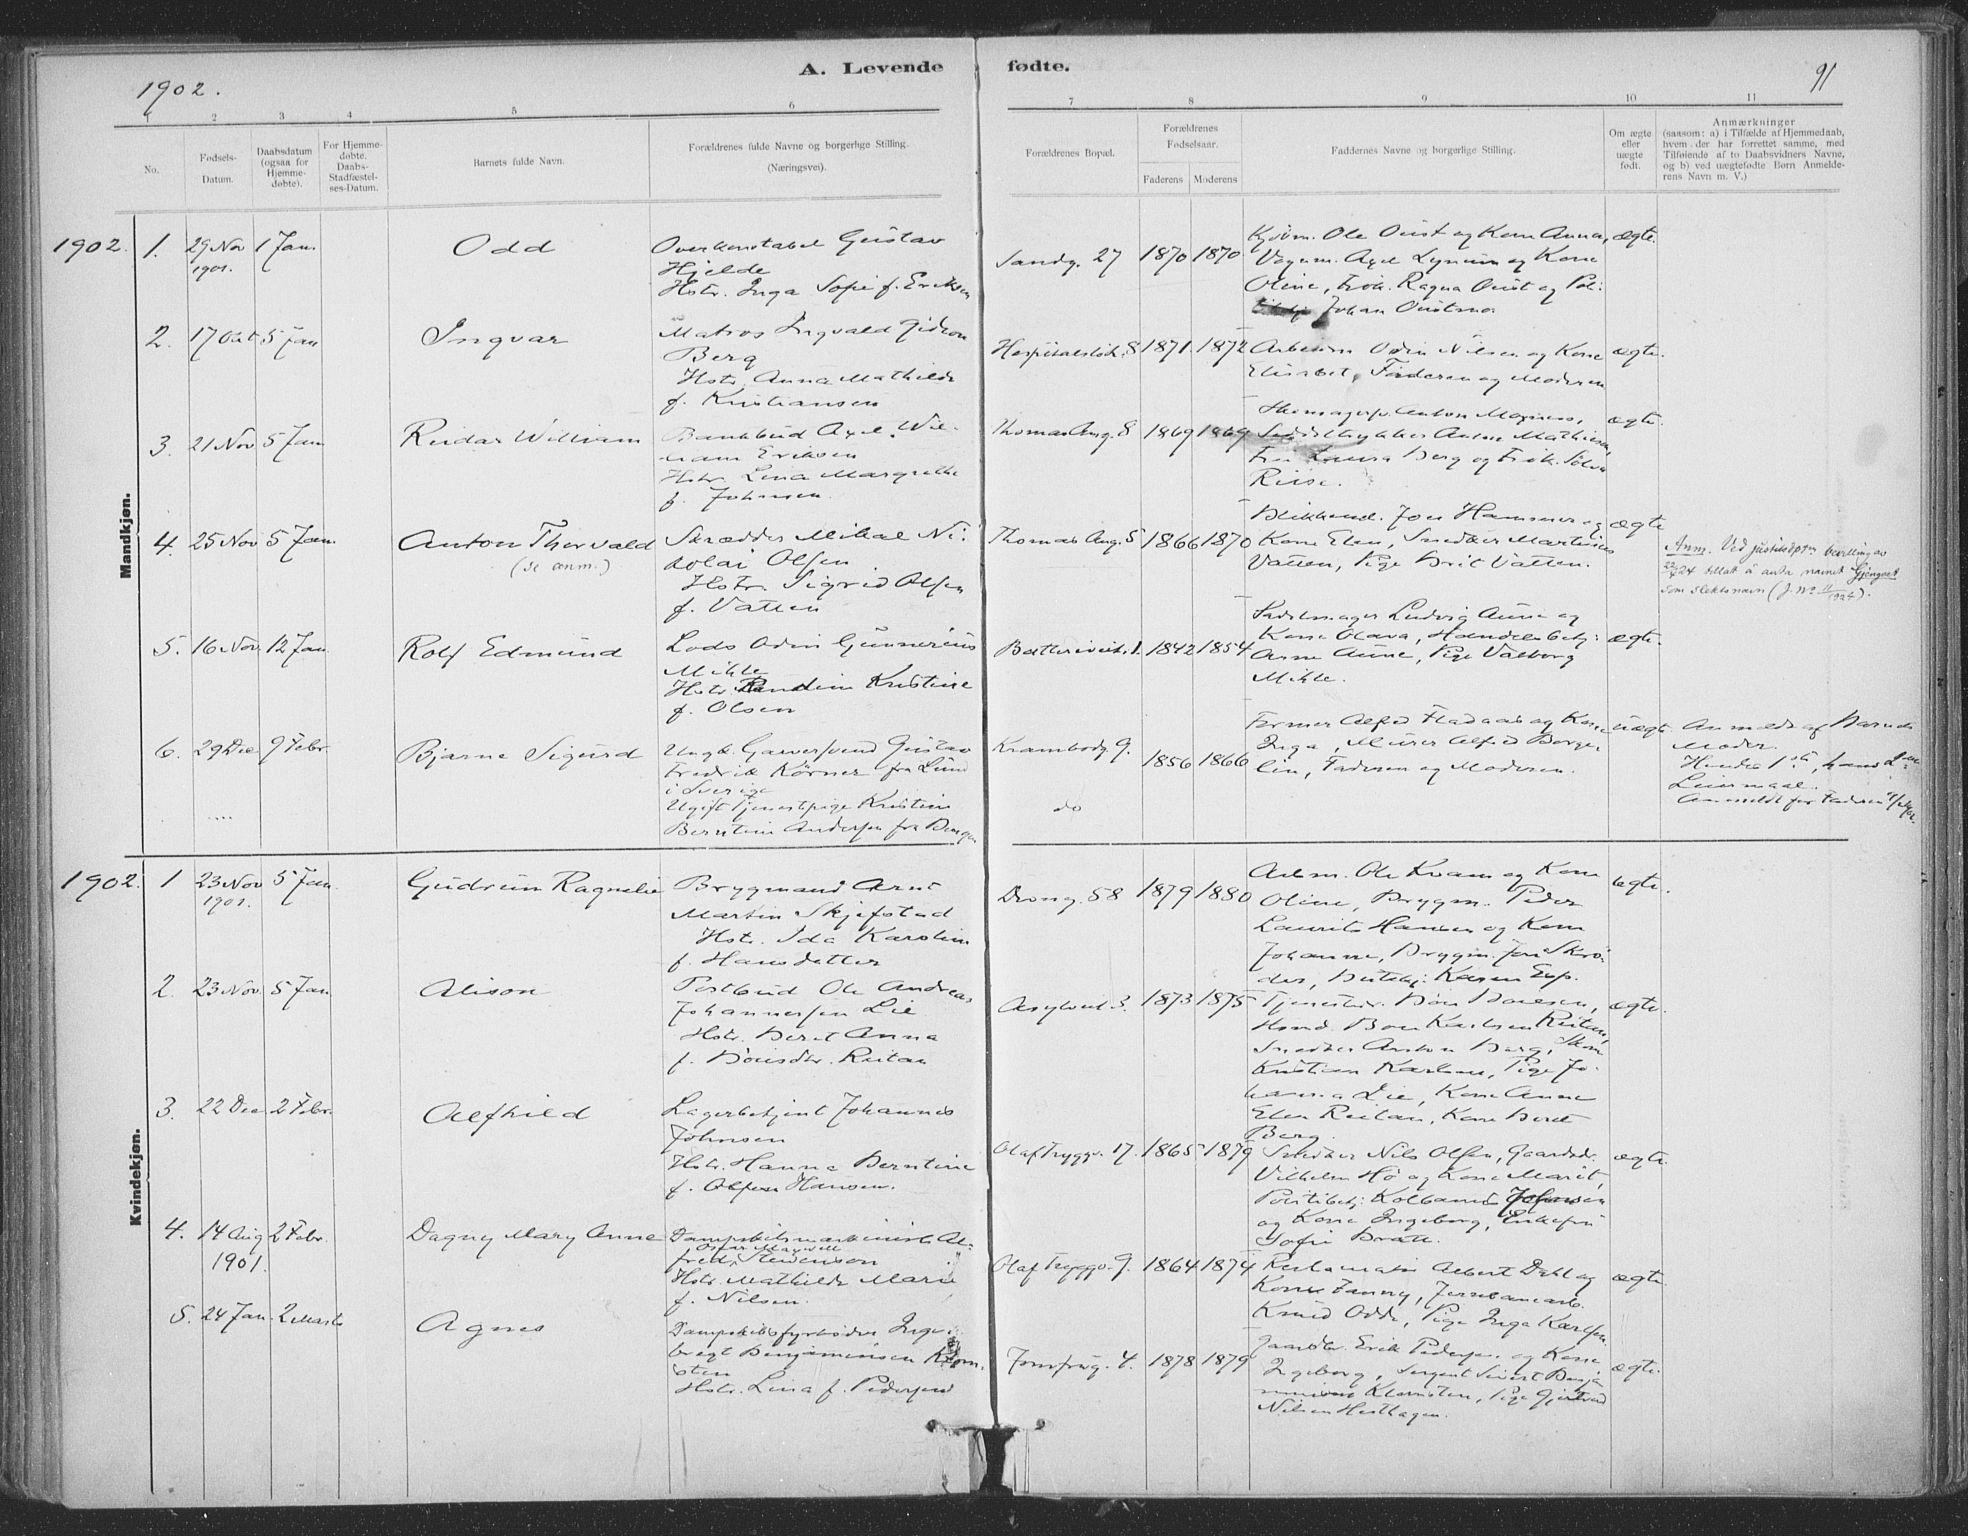 SAT, Ministerialprotokoller, klokkerbøker og fødselsregistre - Sør-Trøndelag, 602/L0122: Ministerialbok nr. 602A20, 1892-1908, s. 91